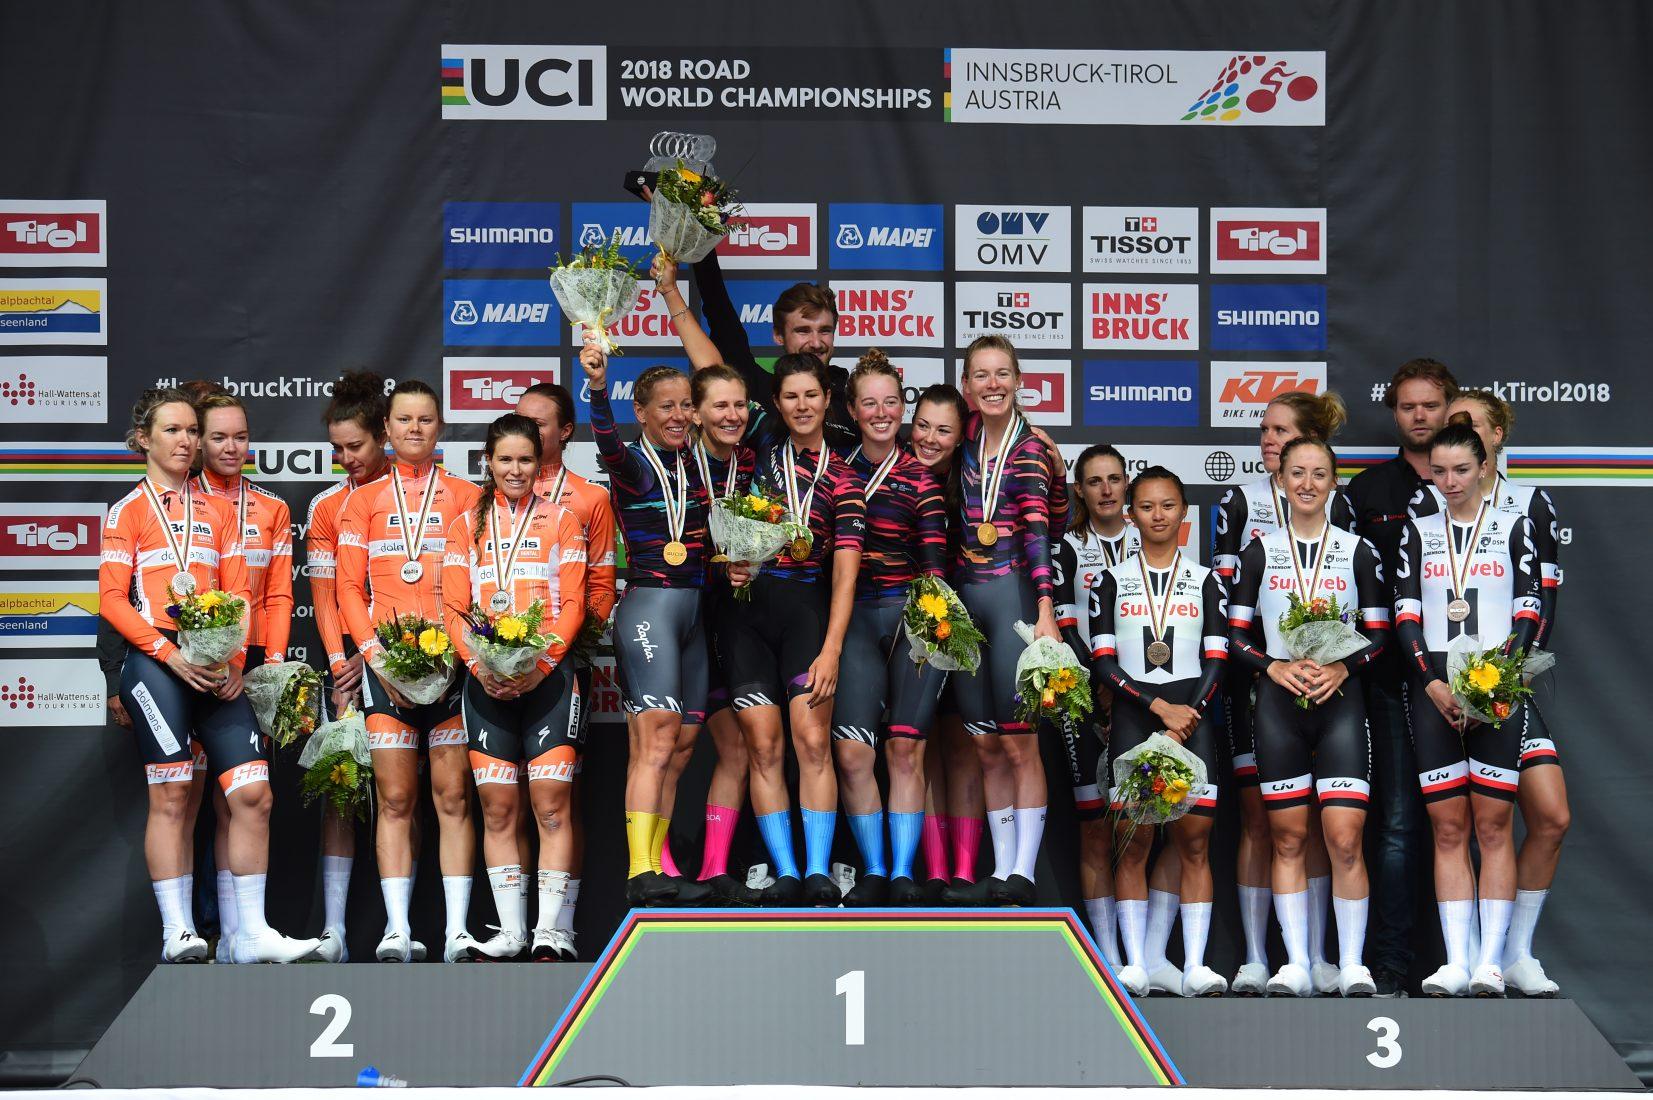 Innsbruck 2018: la Canyon-SRAM campione del mondo cronosquadre